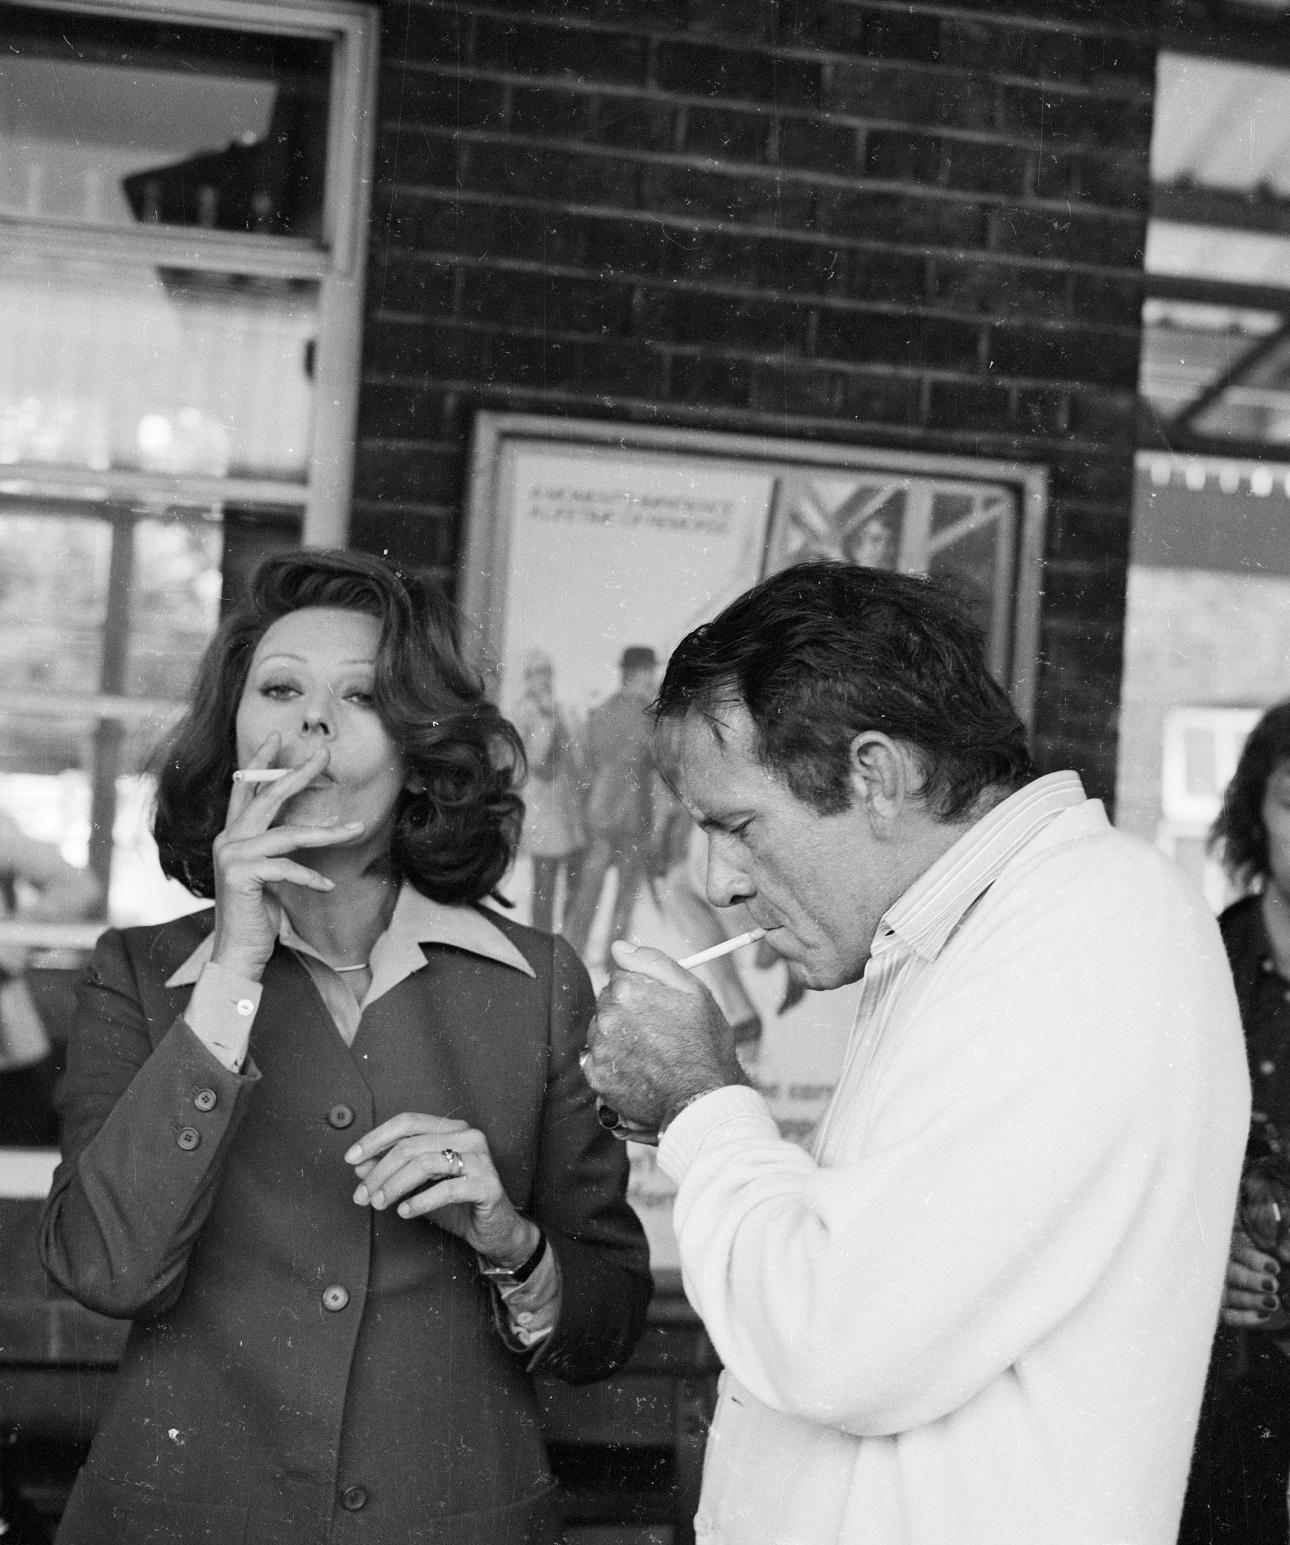 Ιανουάριος 1974. Η Λόρεν με τον Ρίτσαρντ Μπάρτον στα γυρίσματα της τηλεταινίας «Σύντομη Σχέση». Είναι η τηλεοπτική μεταφορά του θεατρικού «Brief Encounter» του Νόελ Κάουαρντ